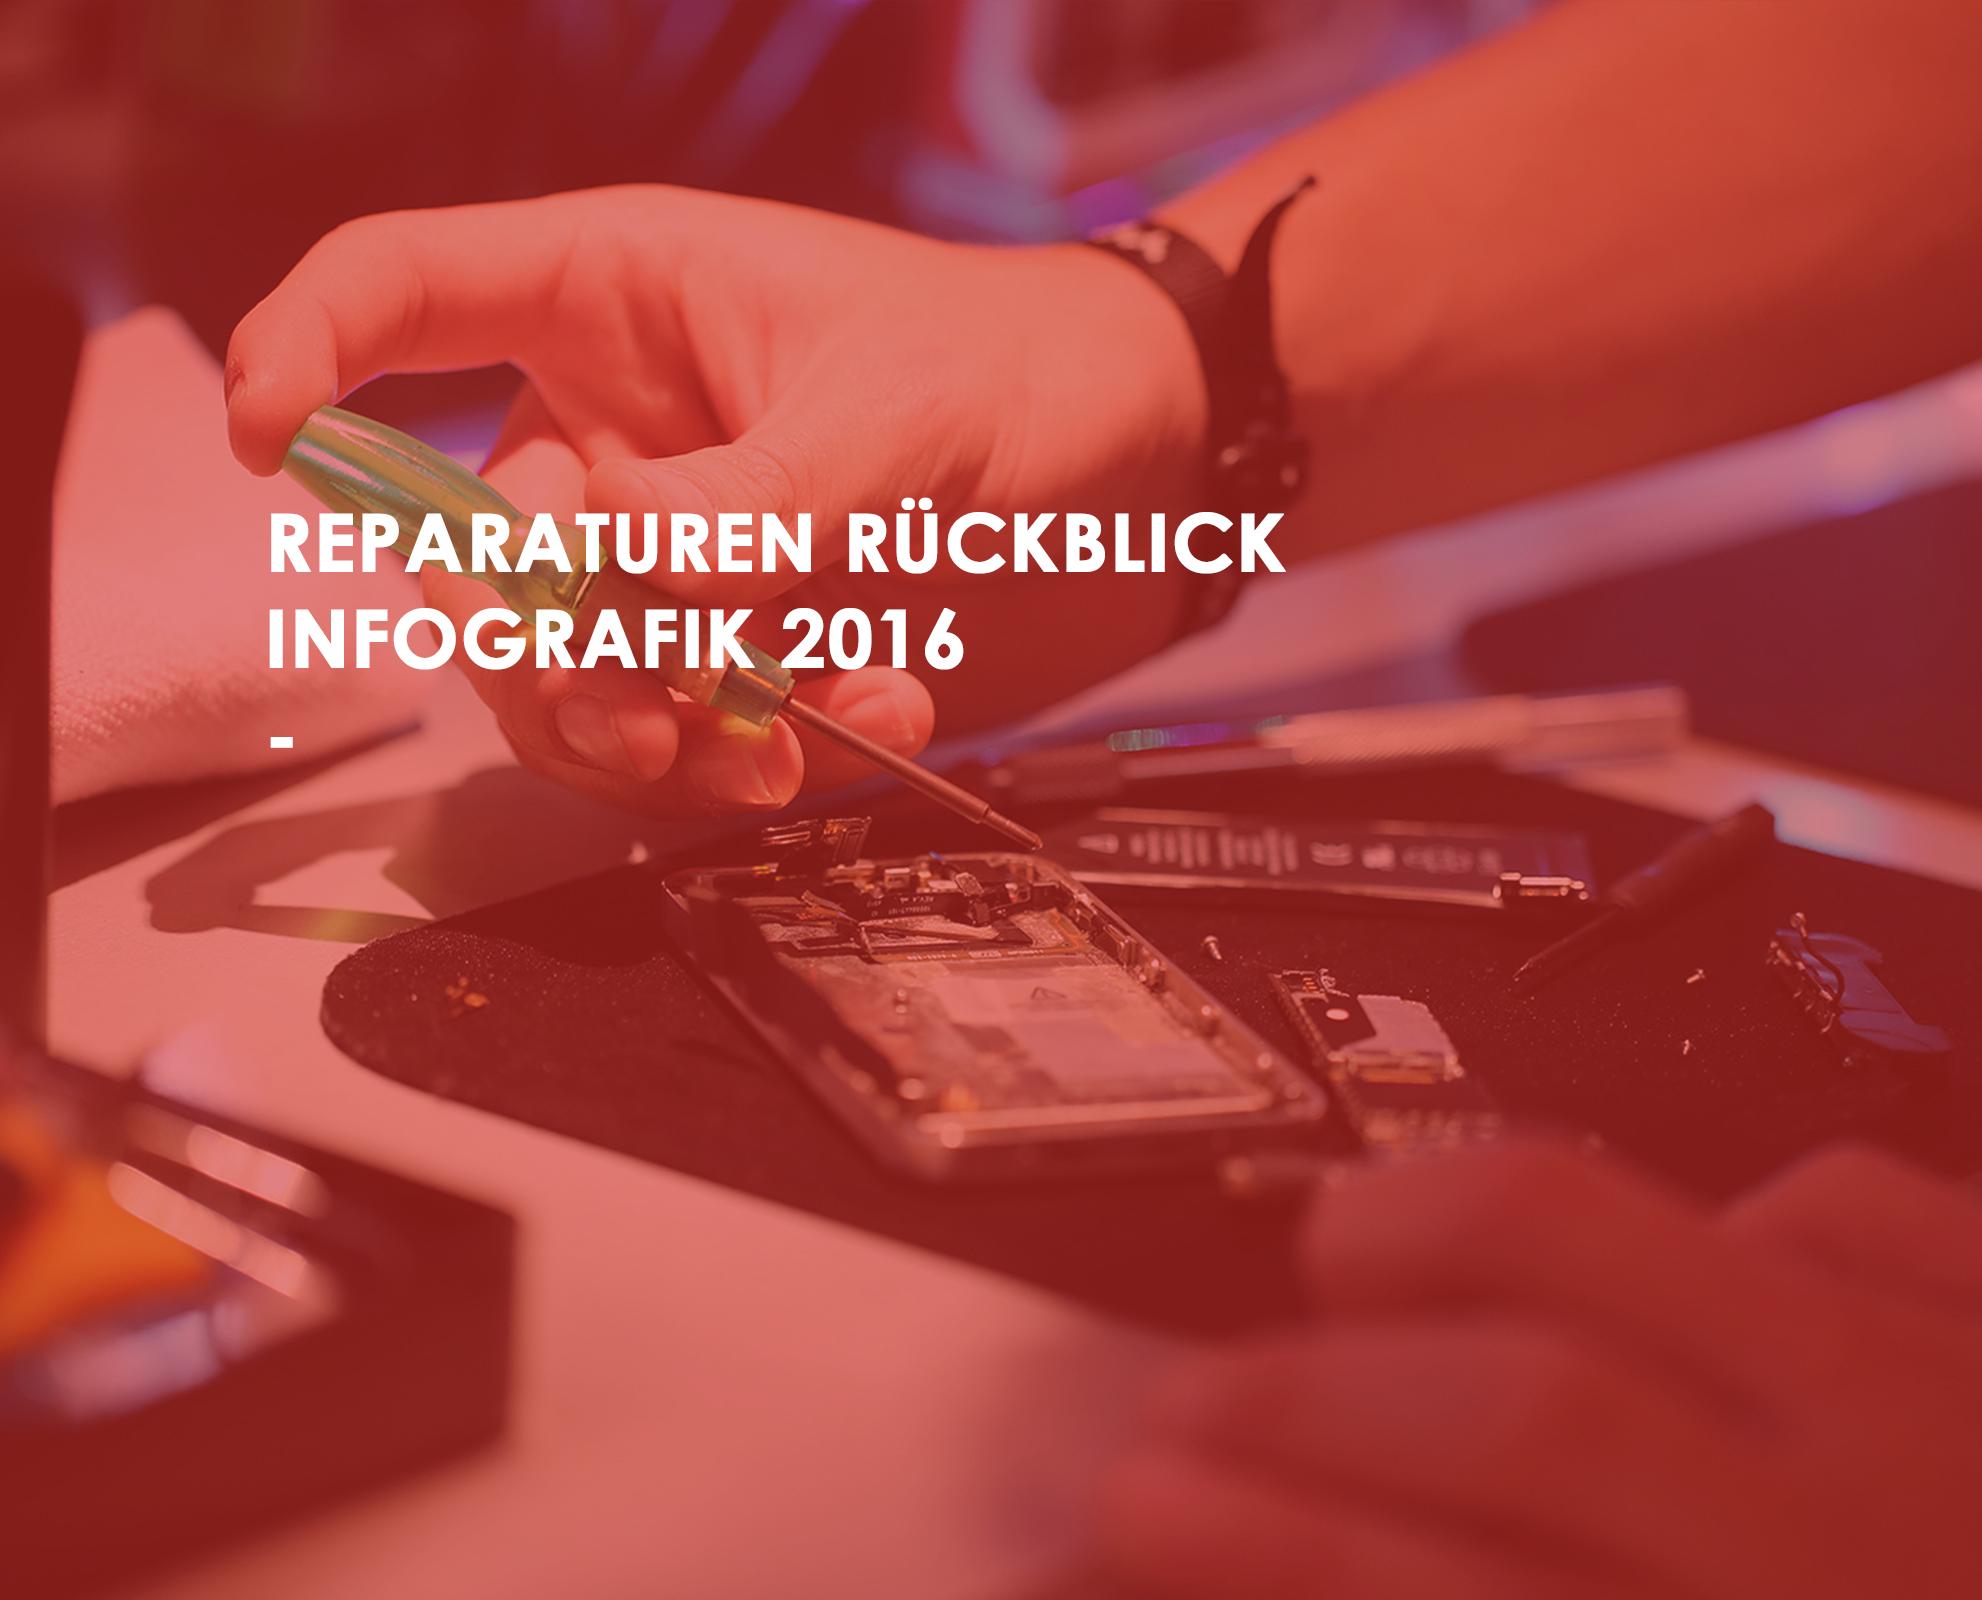 Reparaturen Rückblick 2016